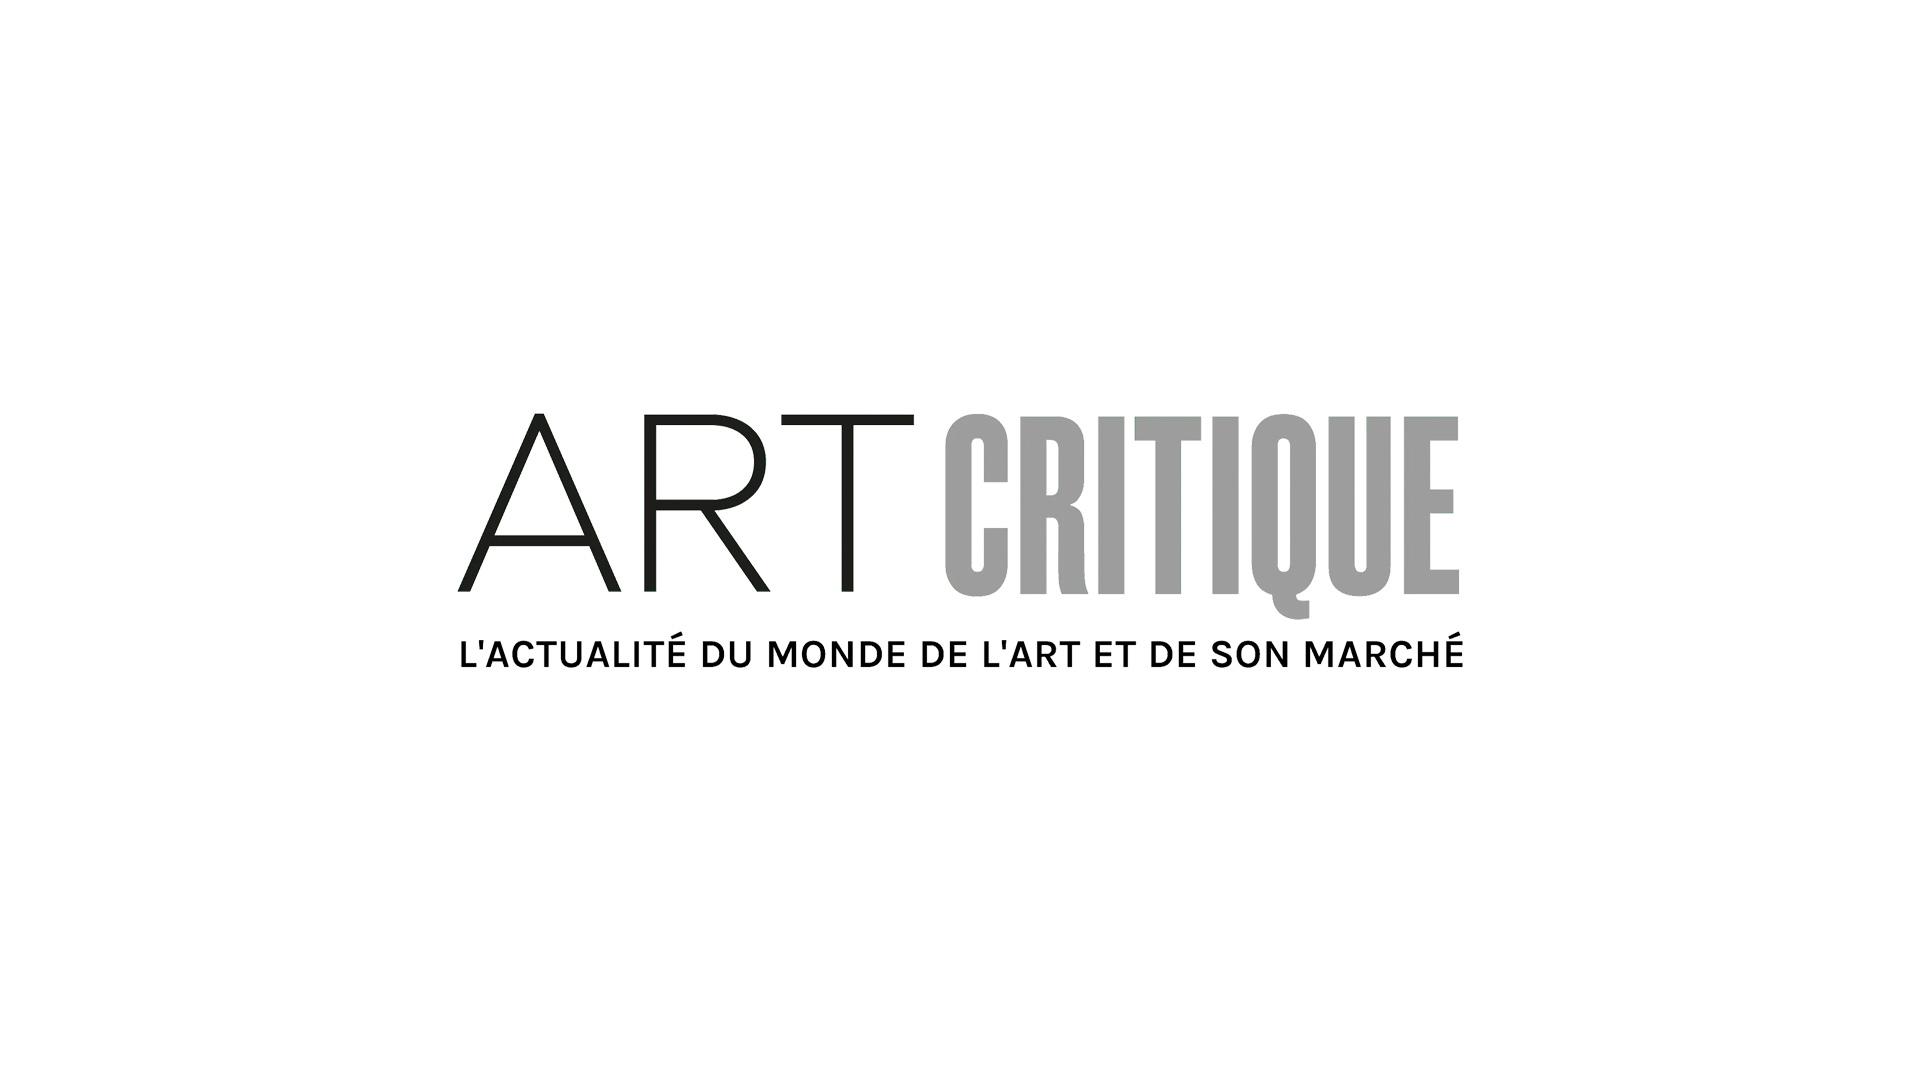 Un film d'animation autour de Josep Bartoli